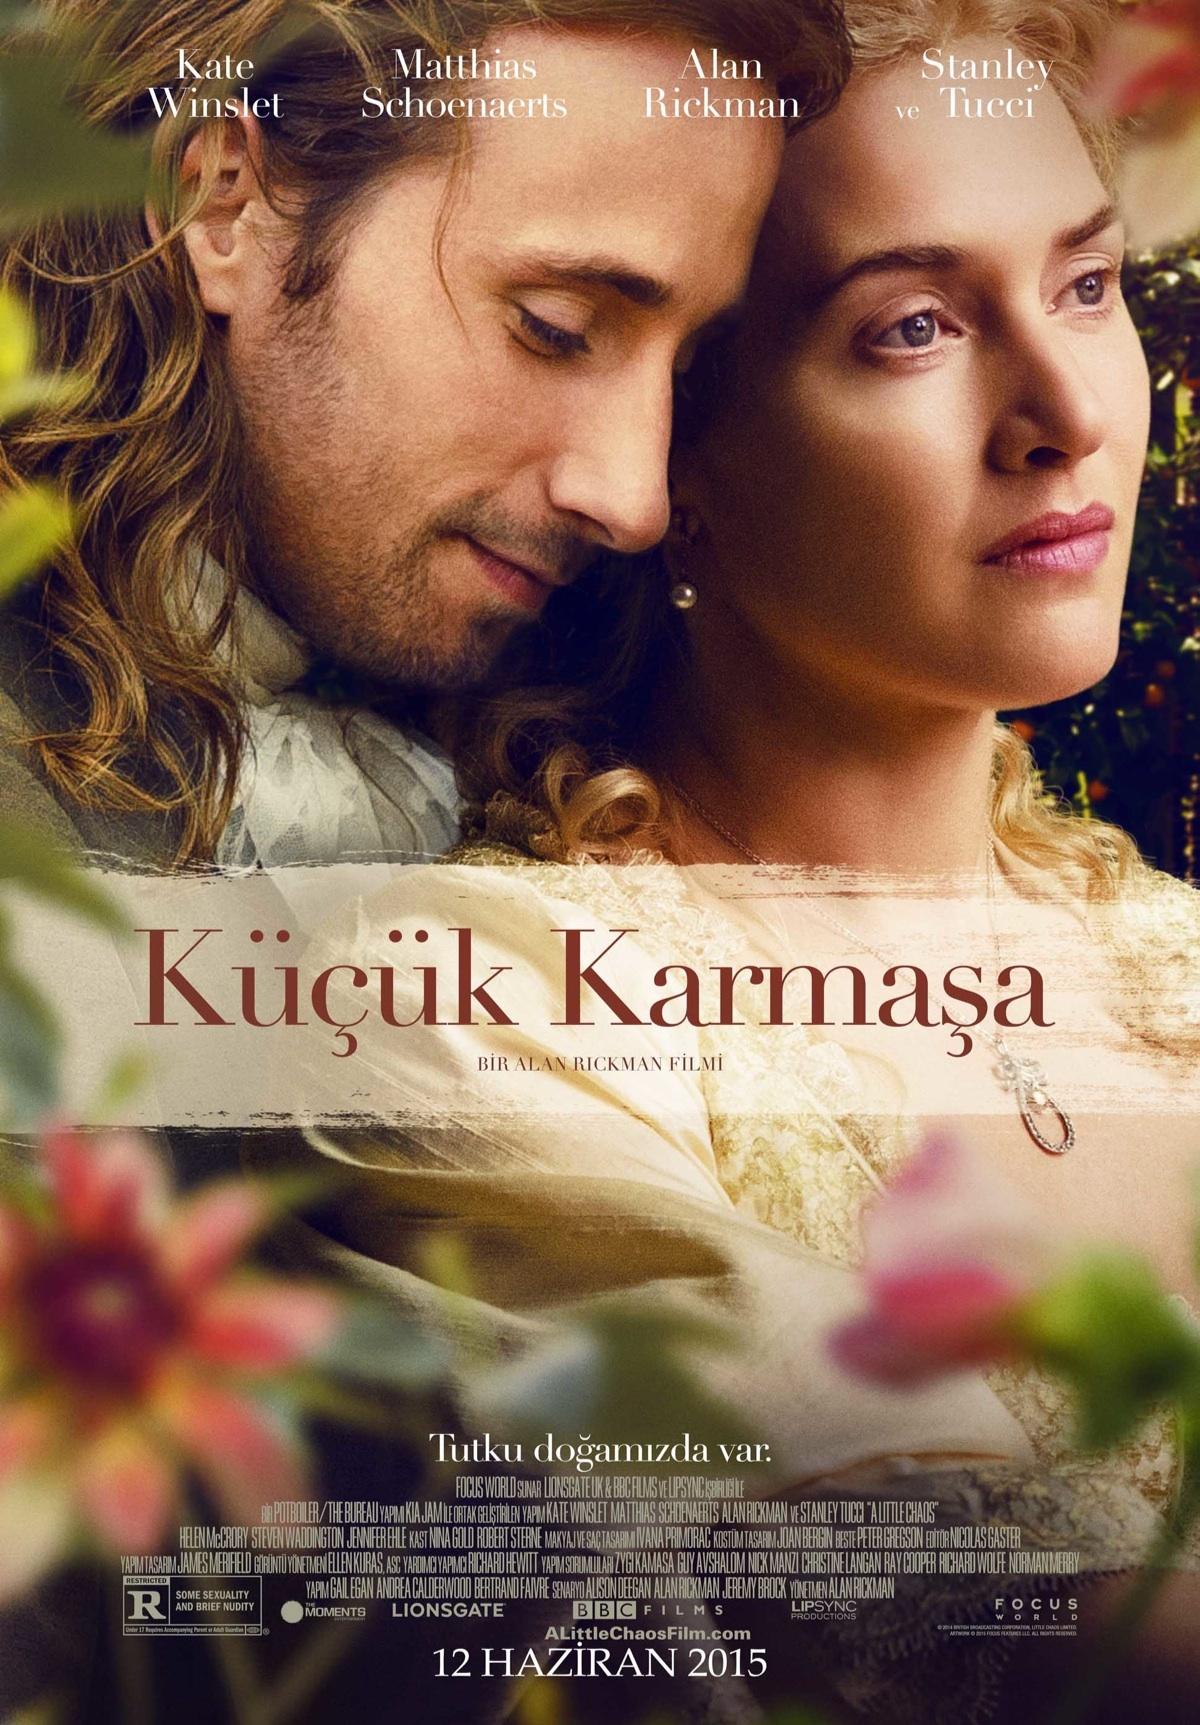 2014 Yapımı Küçük Karmaşa Filmi Türkçe Dublaj Tek Link İndir